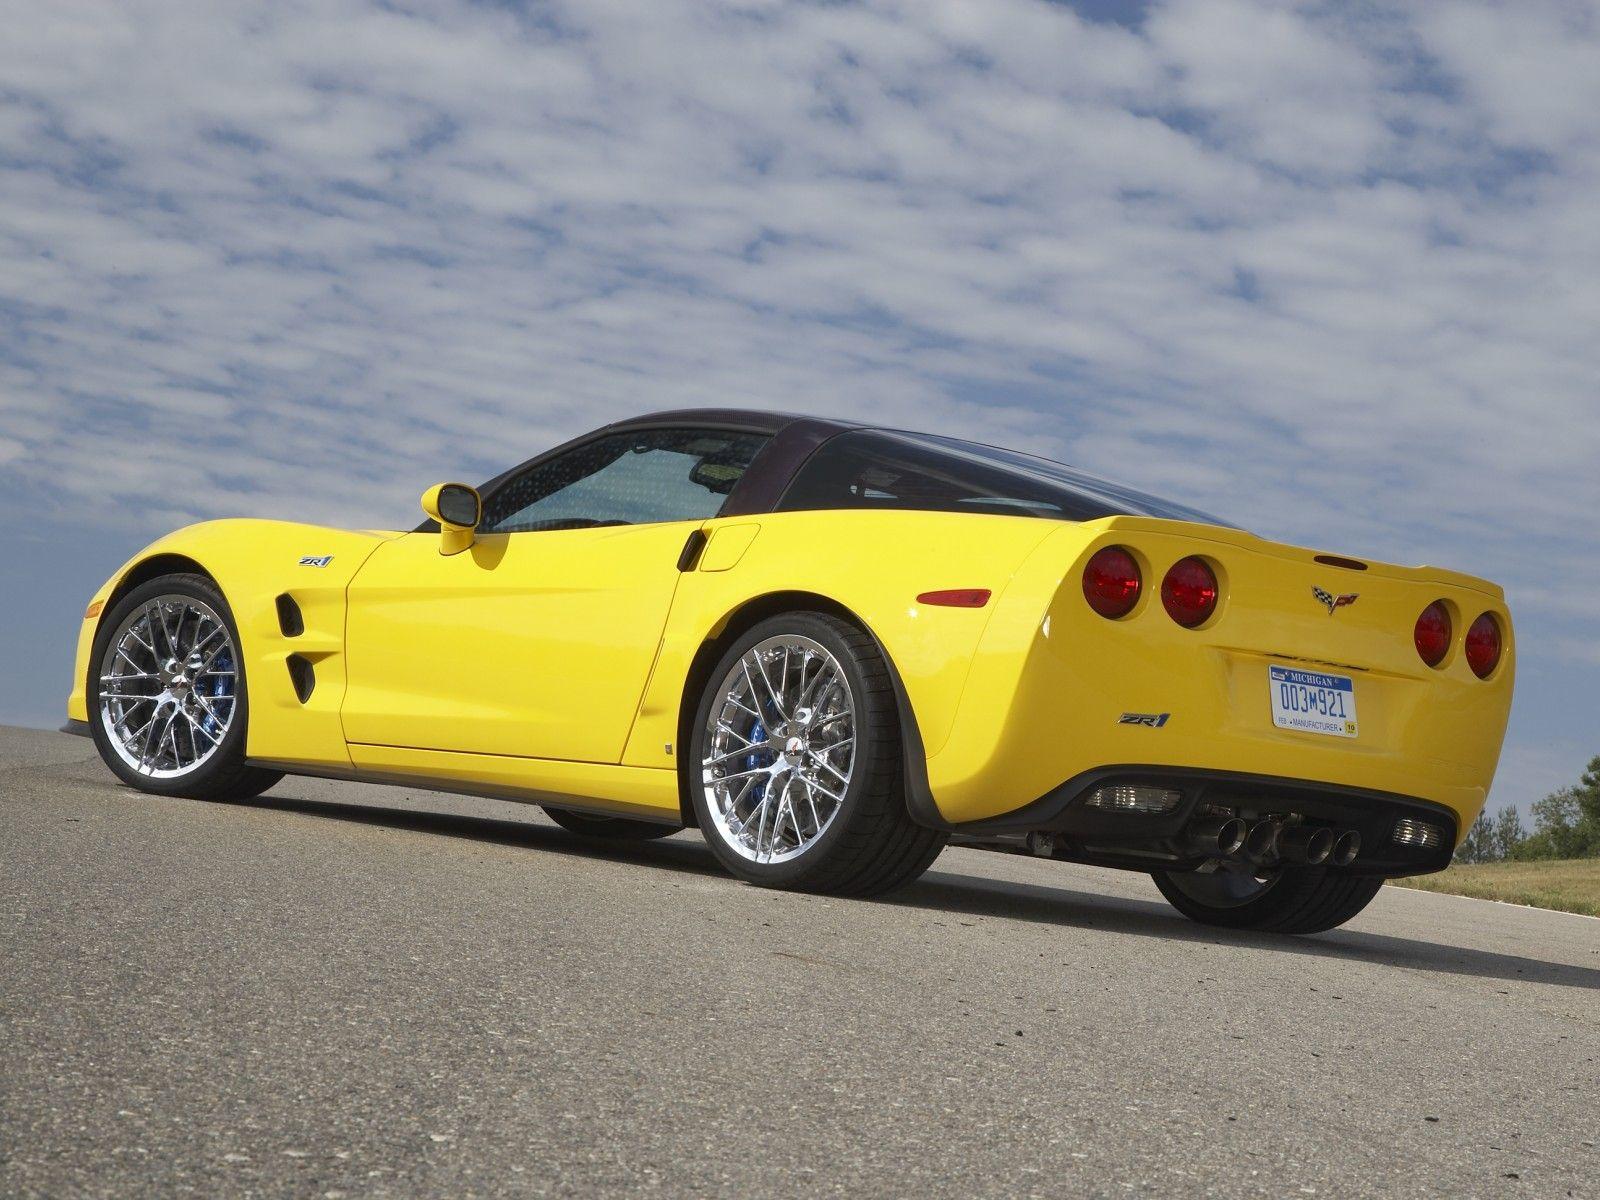 Corvette Zr1 2009 Yellow With Images Corvette Zr1 Chevrolet